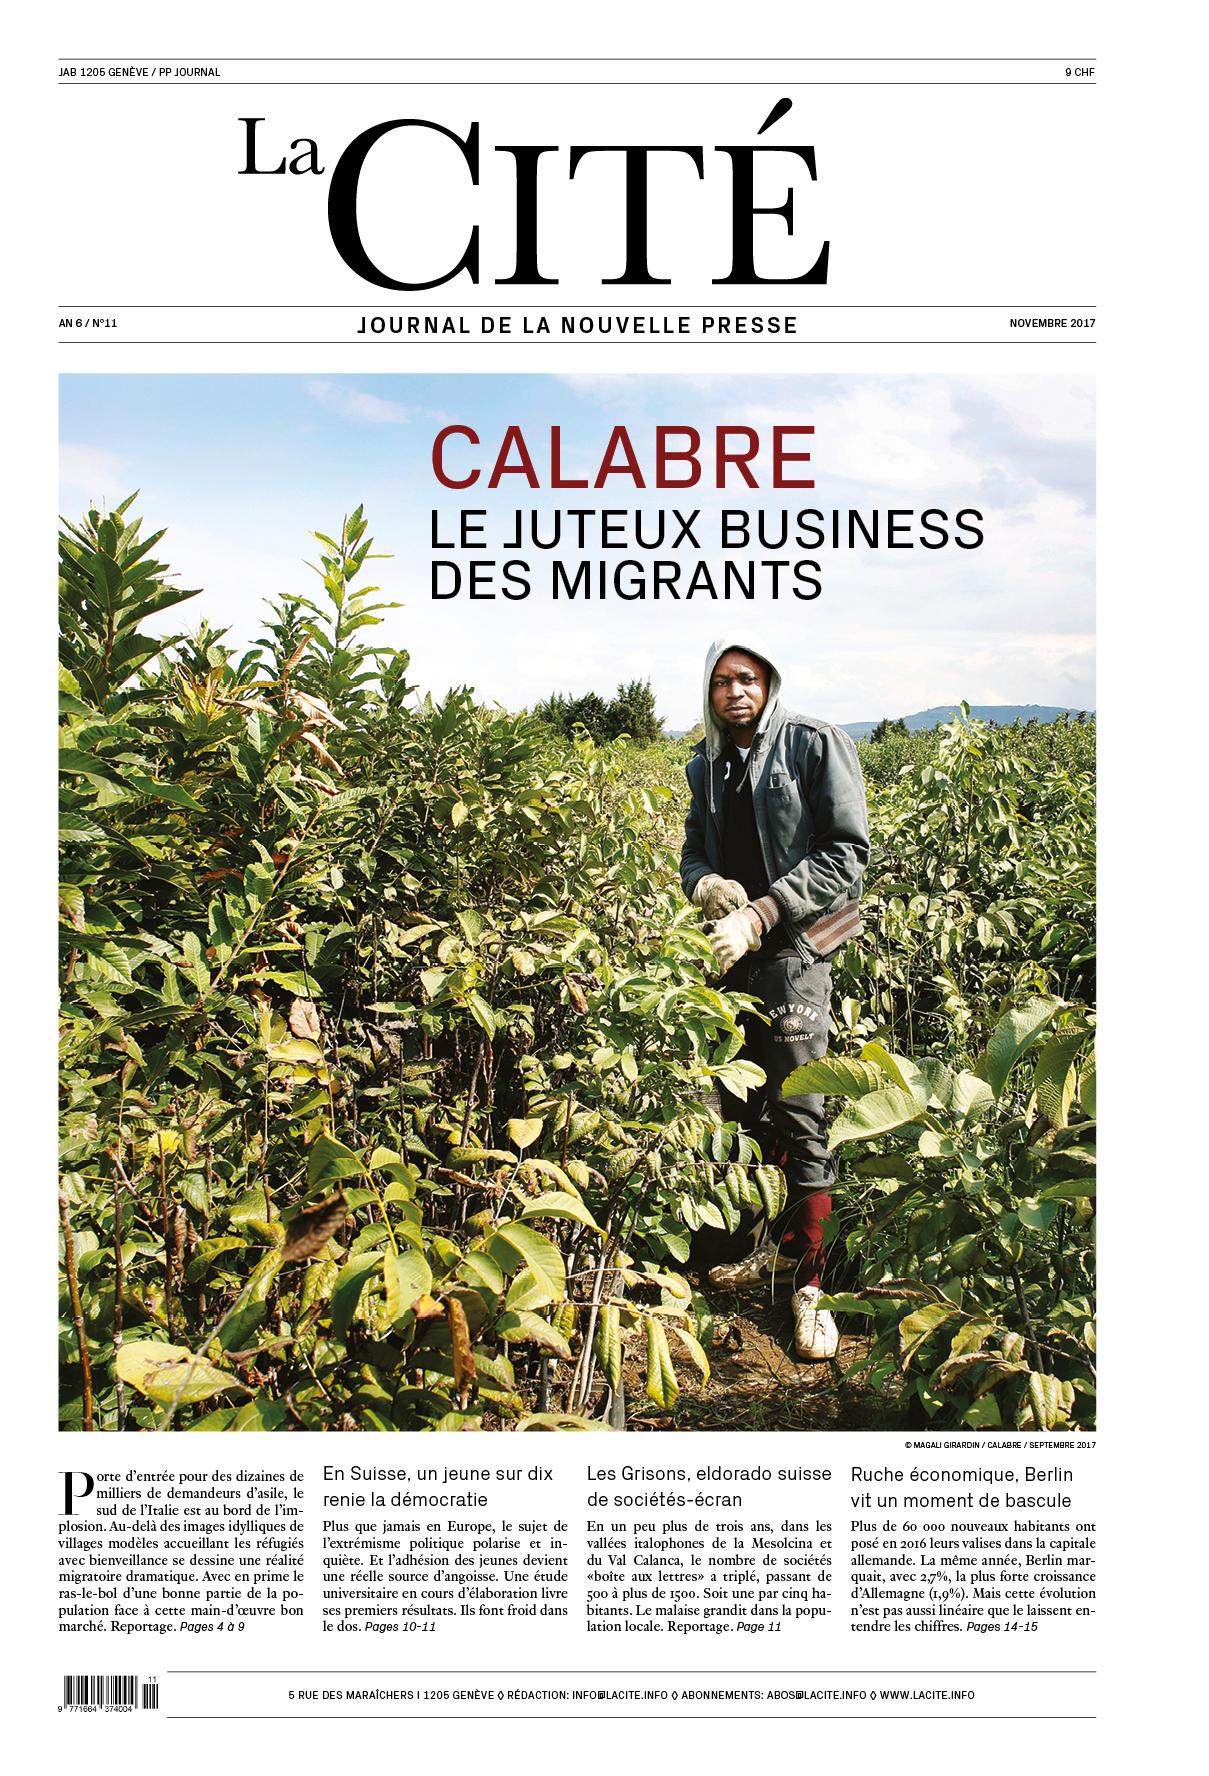 NOVEMBRE 2017 - Édition n° 8924 pages